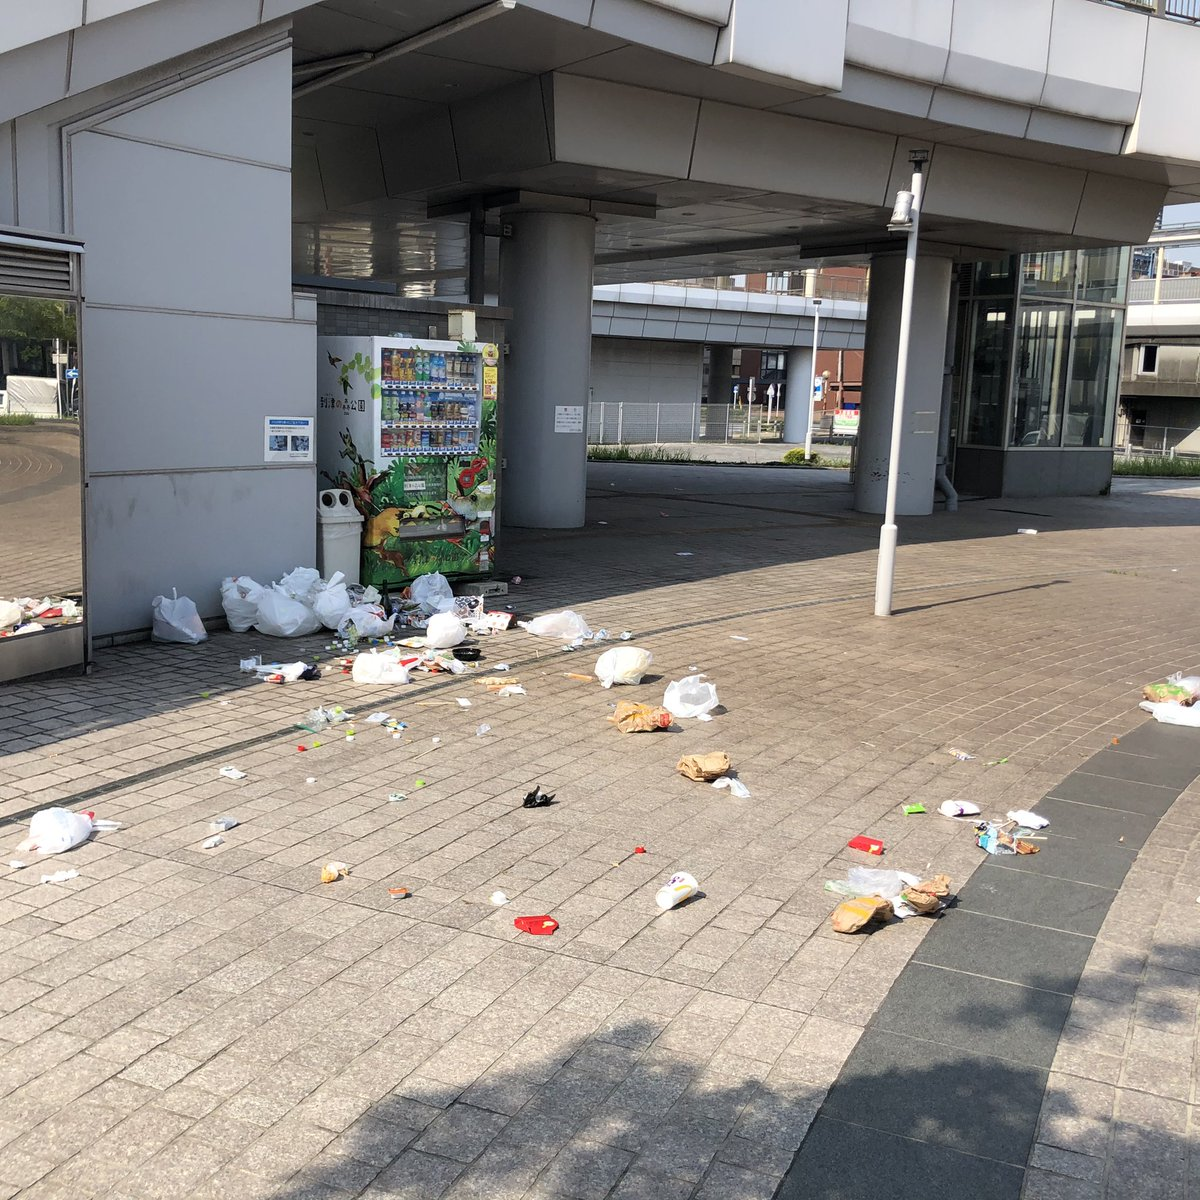 最低限のマナーは守るべき?ライブ後にゴミを捨てていく人が多い!